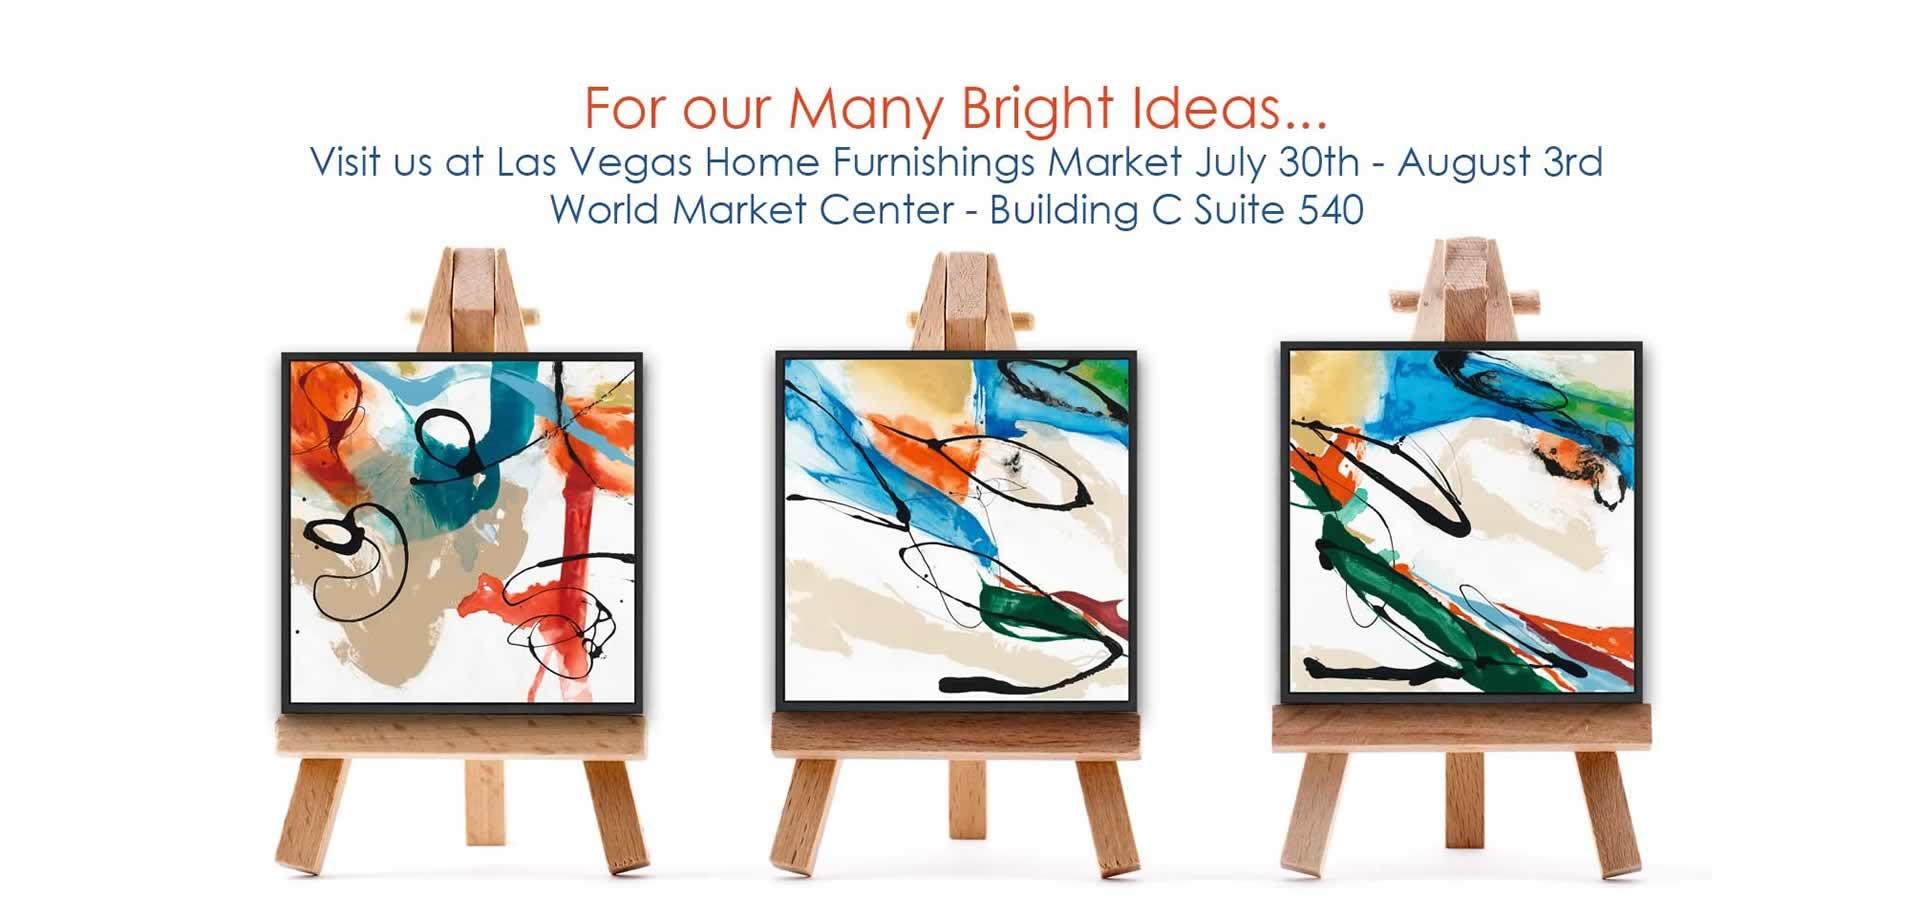 Visit us at Las Vegas Home Furnishings Market